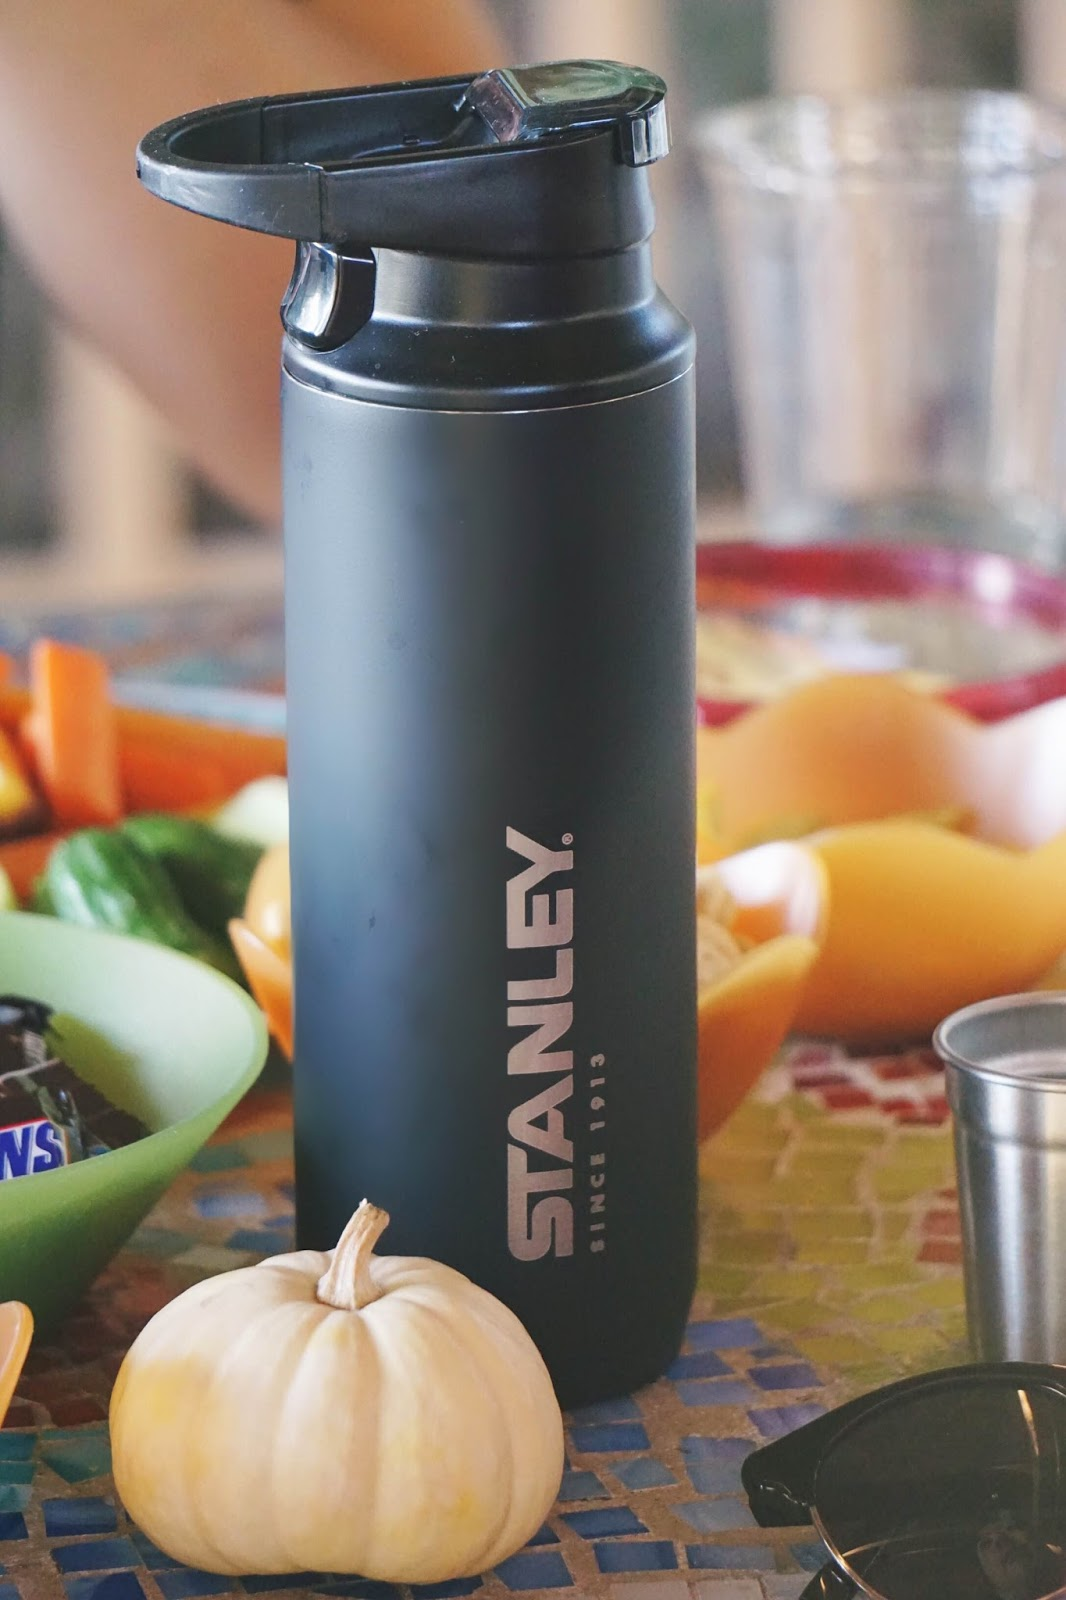 stanley brand